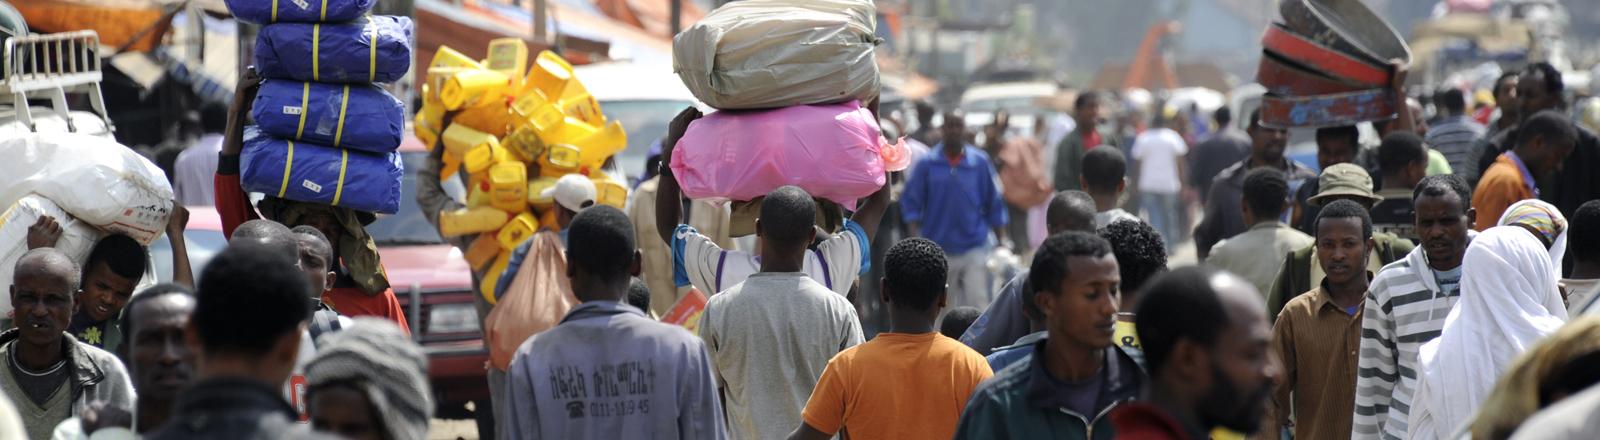 Menschen tragen am Donnerstag (13.01.2011) in Addis Abeba in Äthiopien am Mercato, dem großen Markt, Waren auf ihren Köpfen.